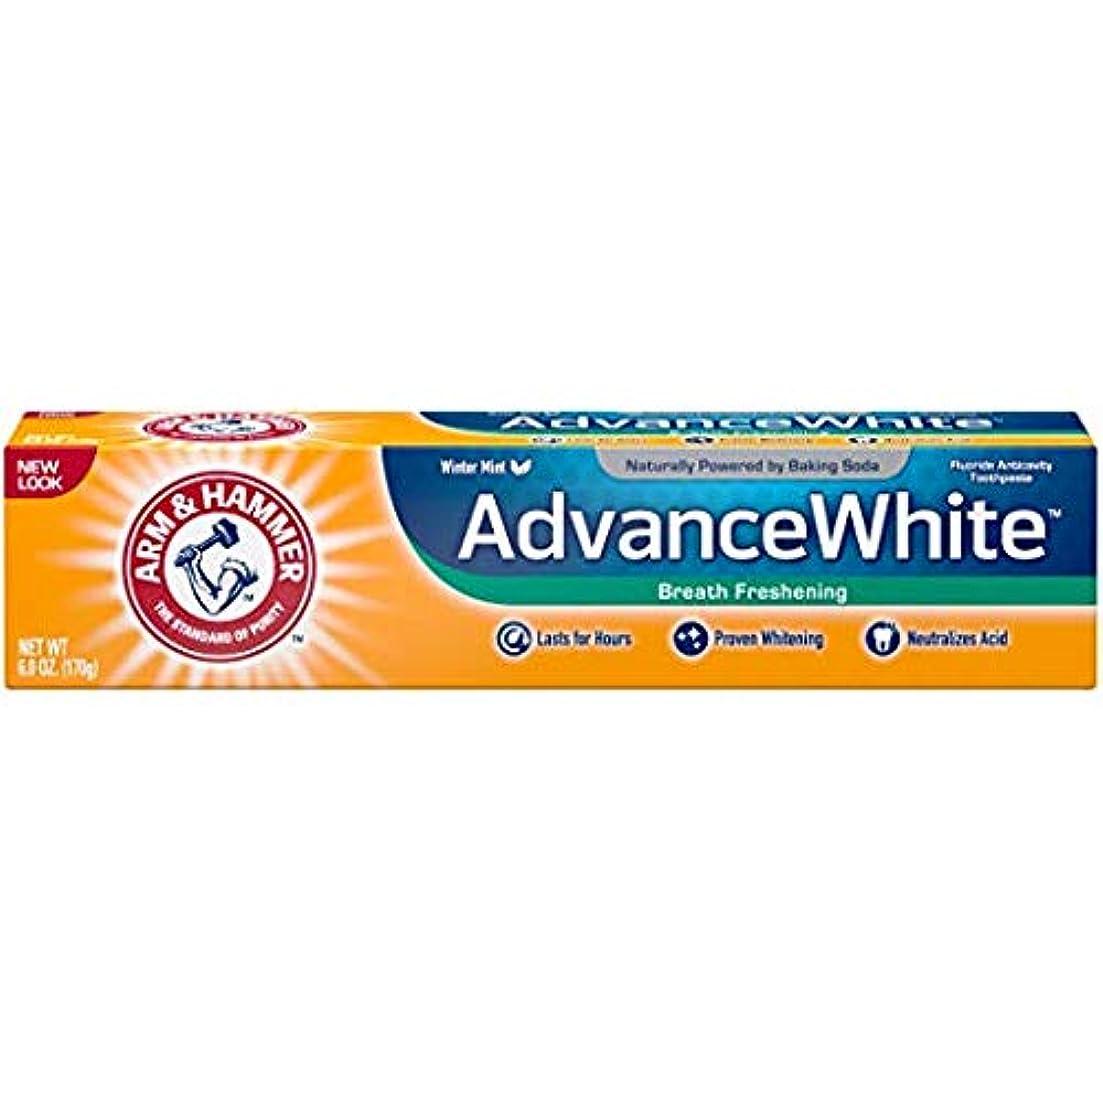 場合レポートを書くコインランドリーArm & Hammer アドバンスホワイト重曹歯磨き粉、フロストミント6オズ(4パック) 4パック